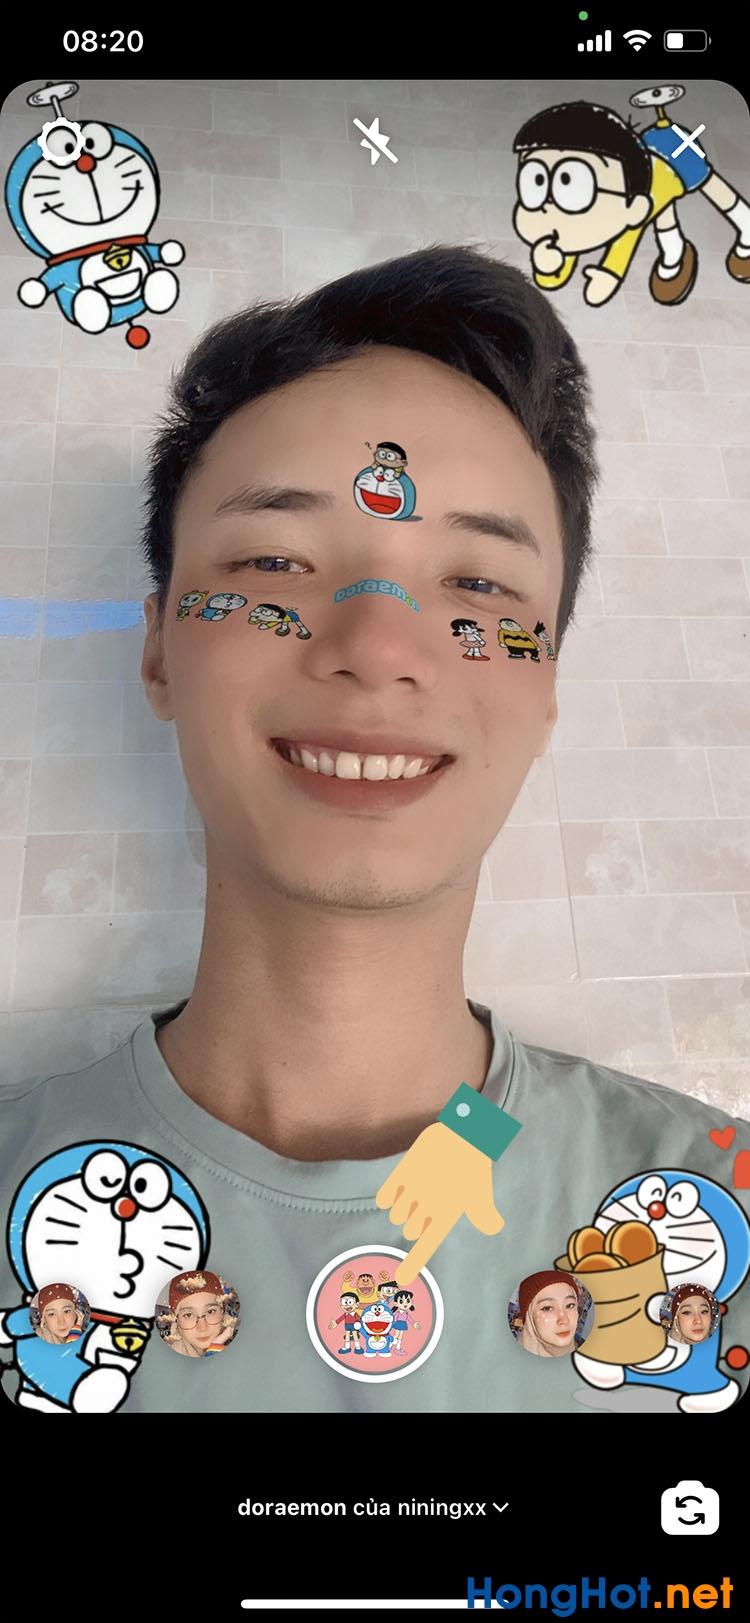 Cách chụp ảnh quay video có hiệu ứng Doraemon trên Instagram TikTok 8